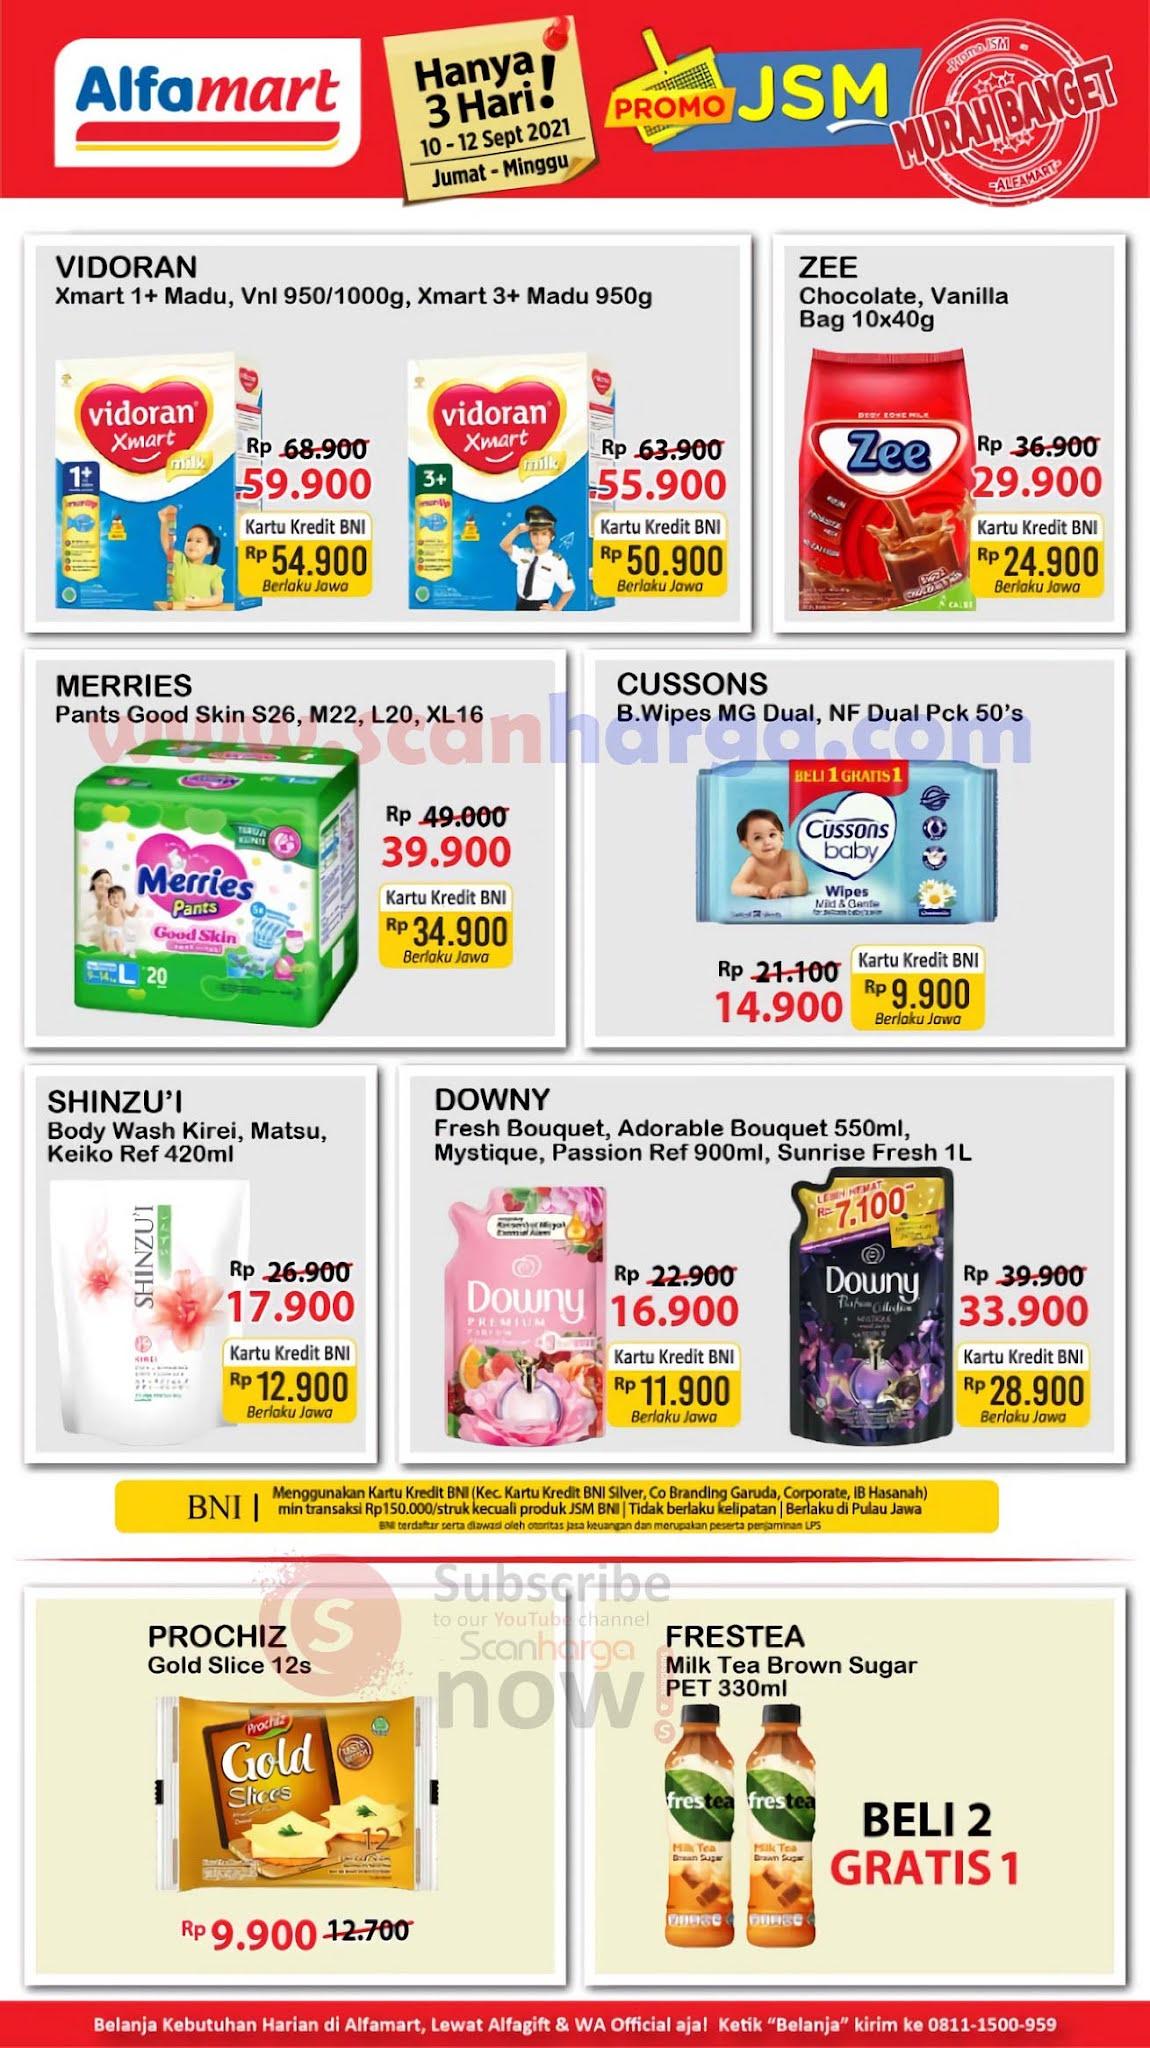 Katalog Promo JSM Alfamart Weekend 10 - 12 September 2021 3